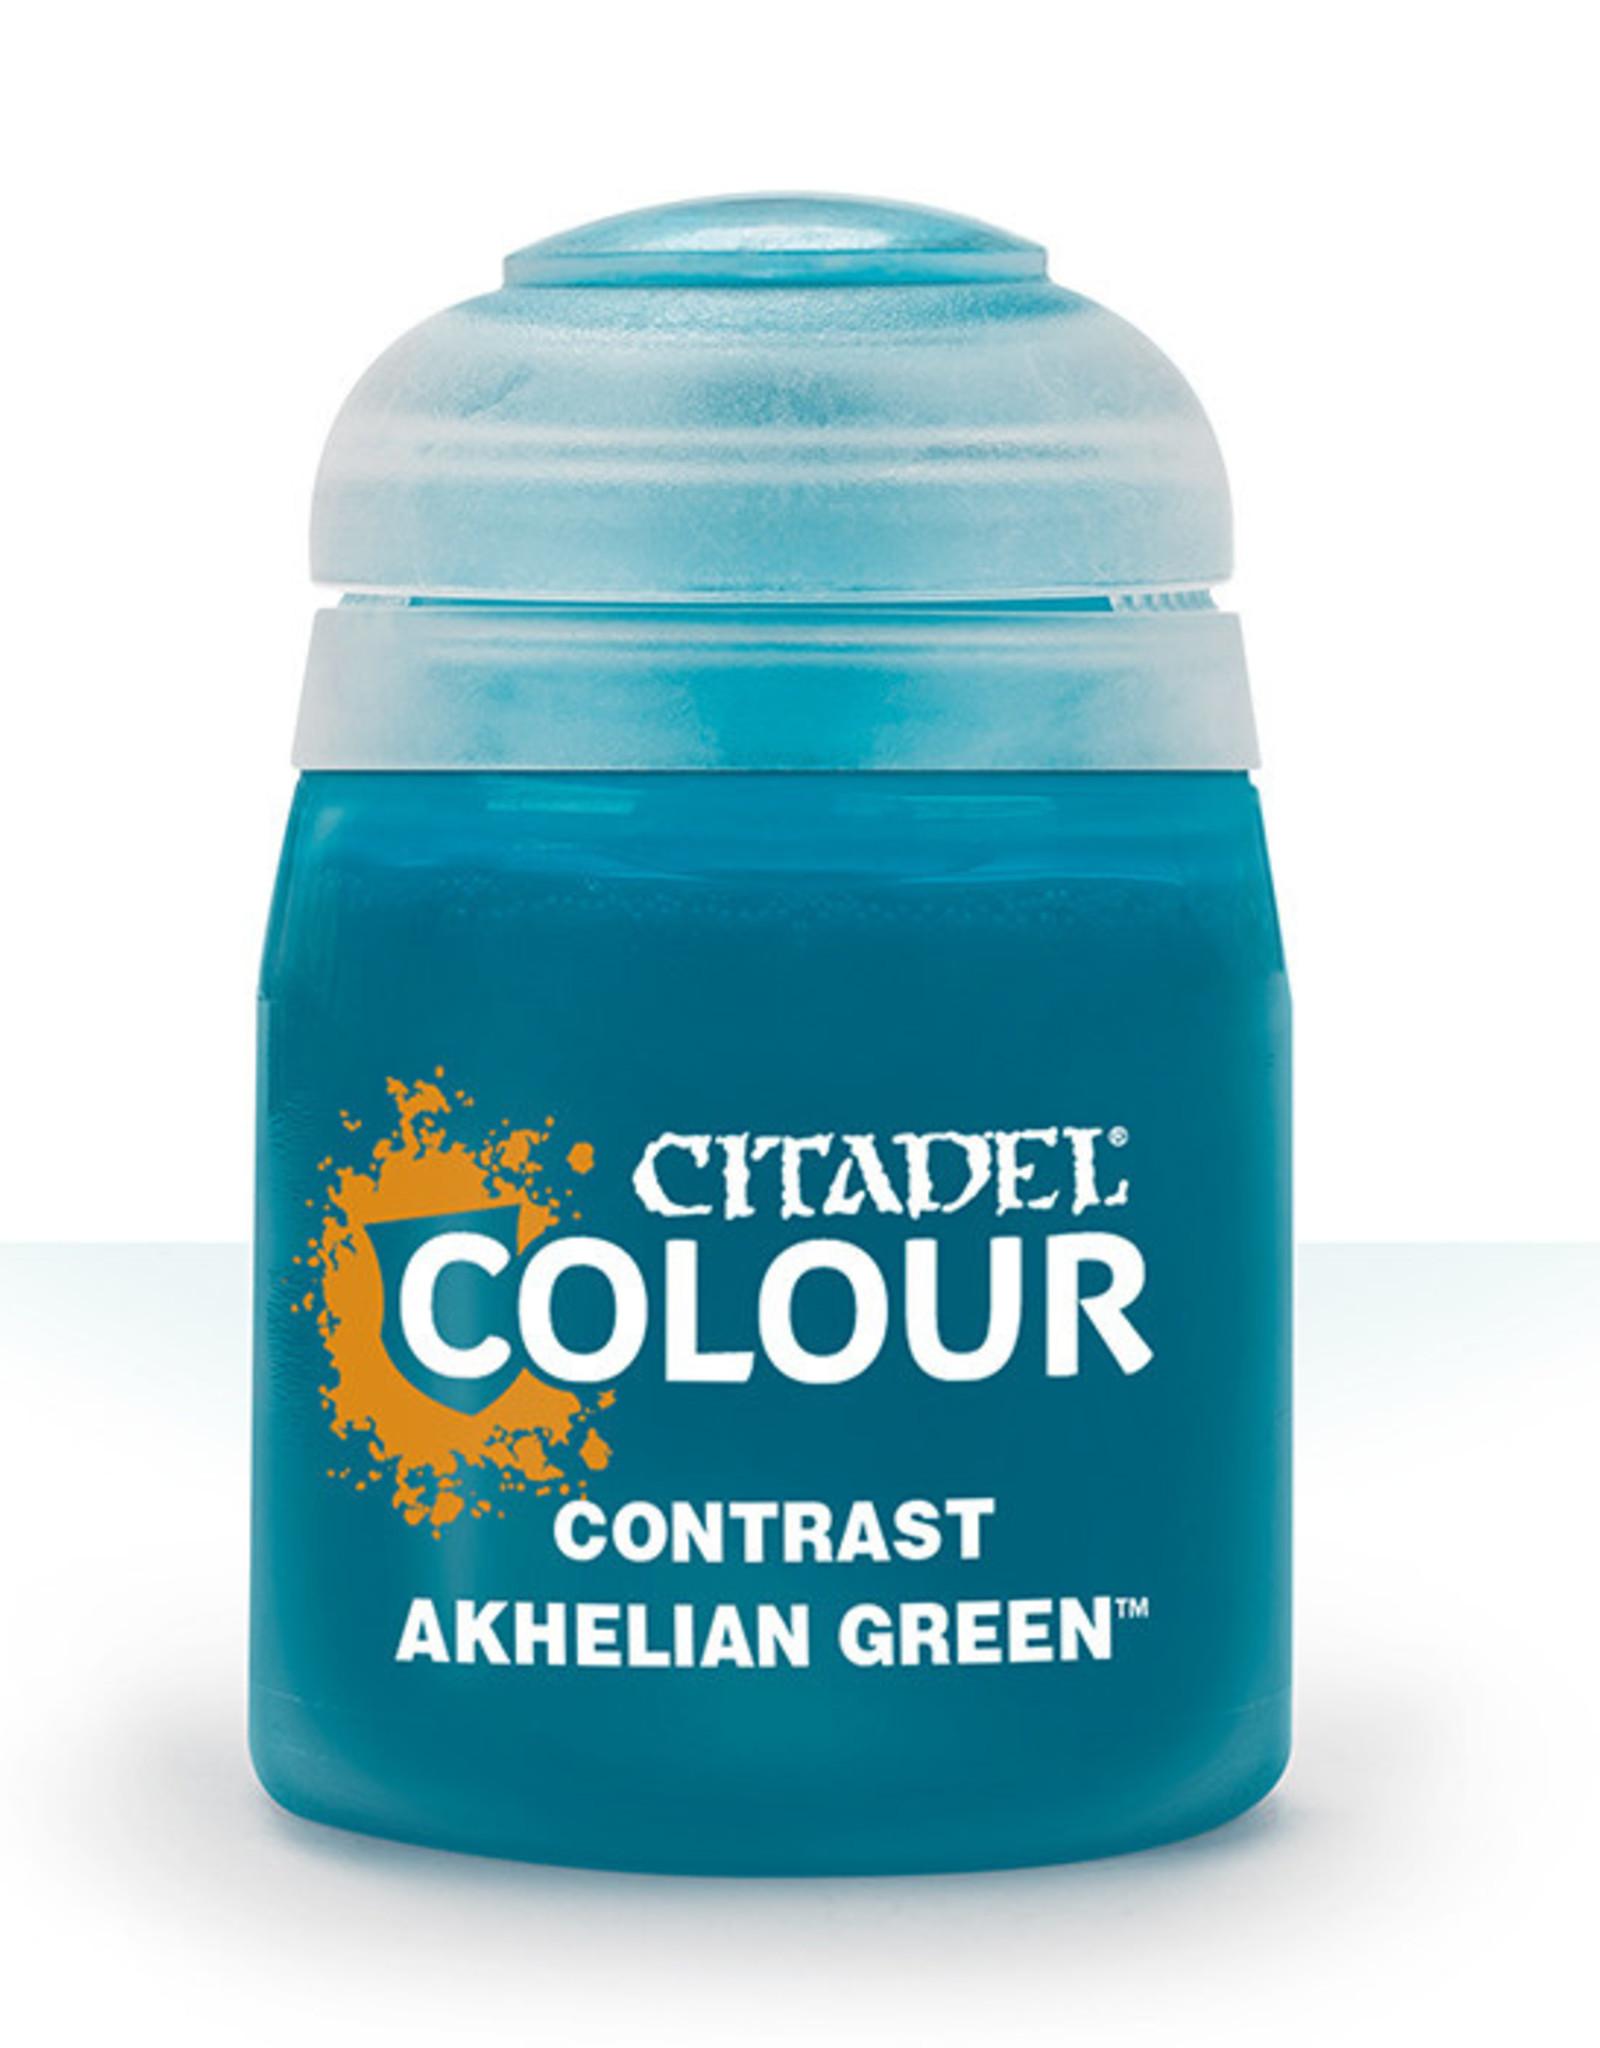 Citadel Citadel Colour: Contrast - Akhelian Green